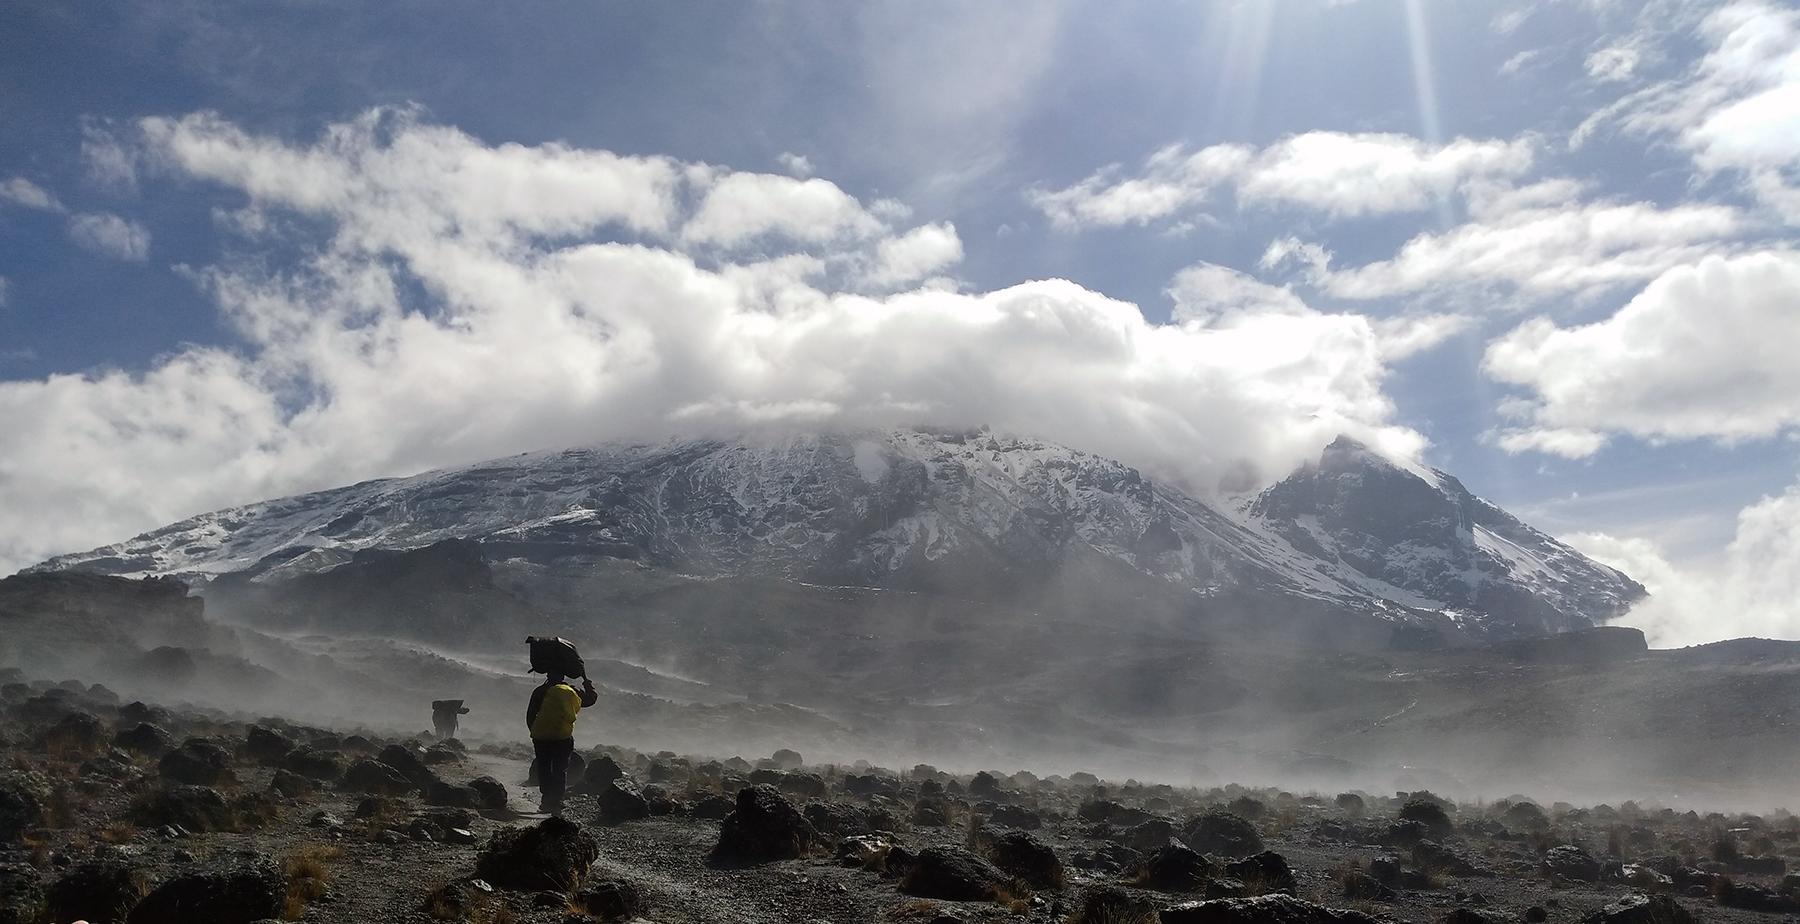 montagne Mana Kilimandjaro